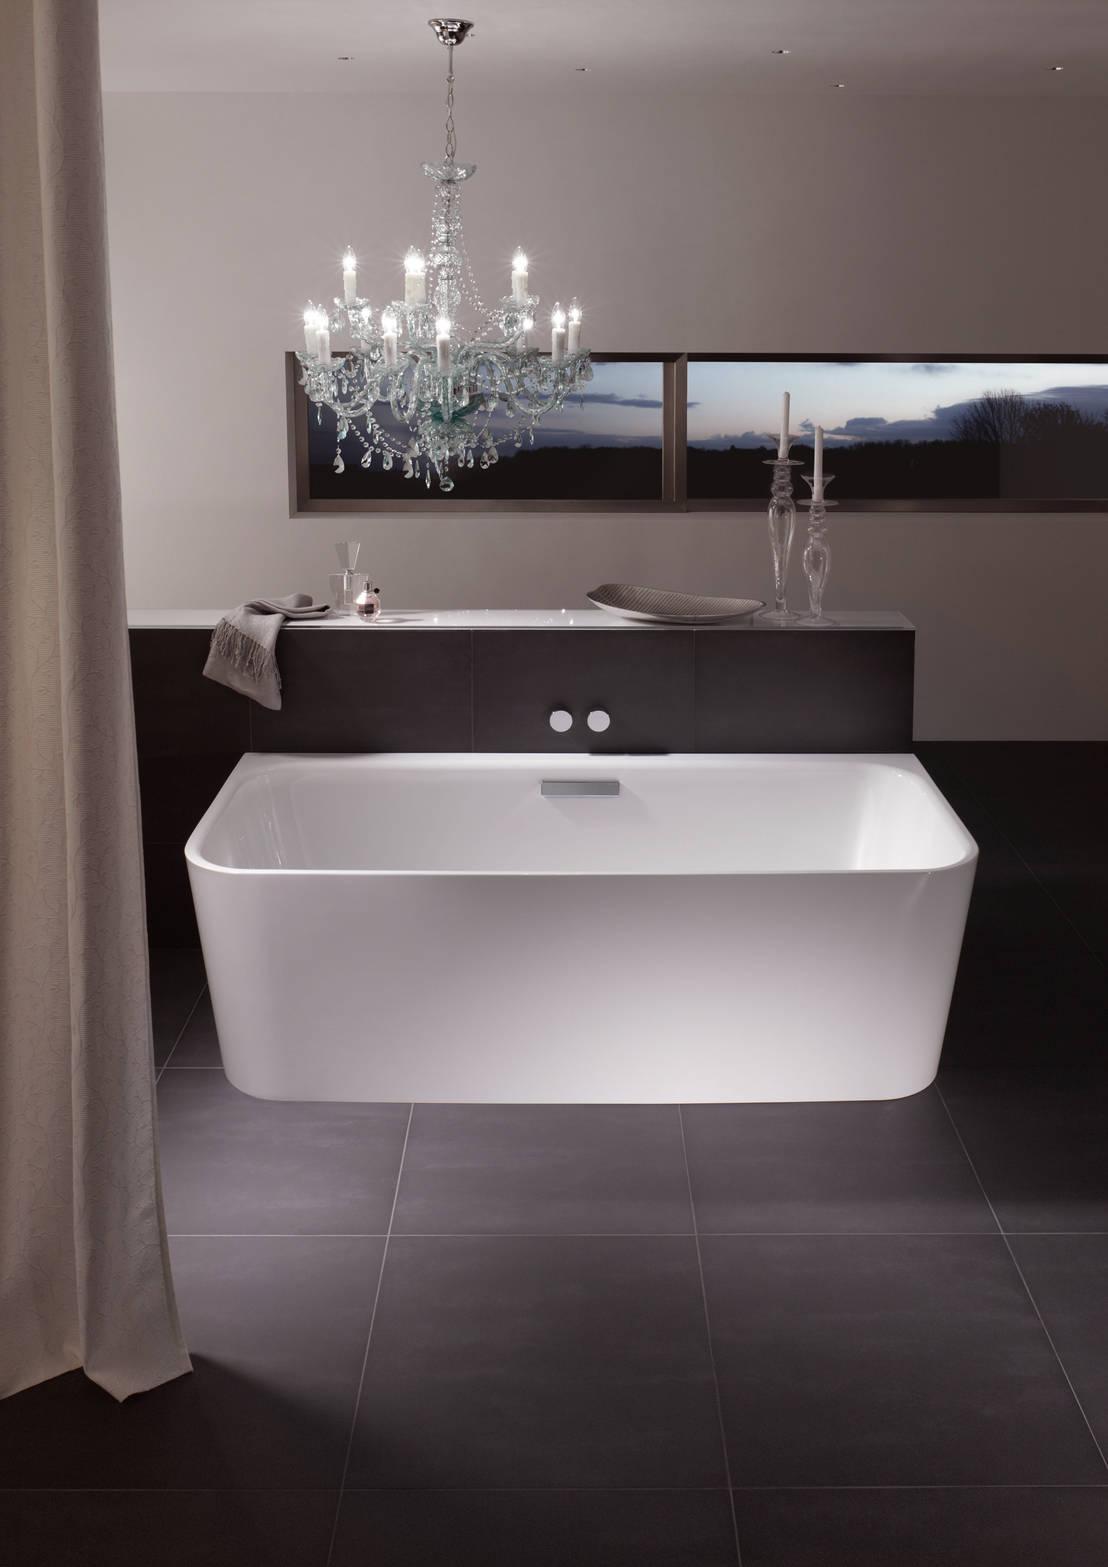 betteart designpreis f r badewannen innovation. Black Bedroom Furniture Sets. Home Design Ideas